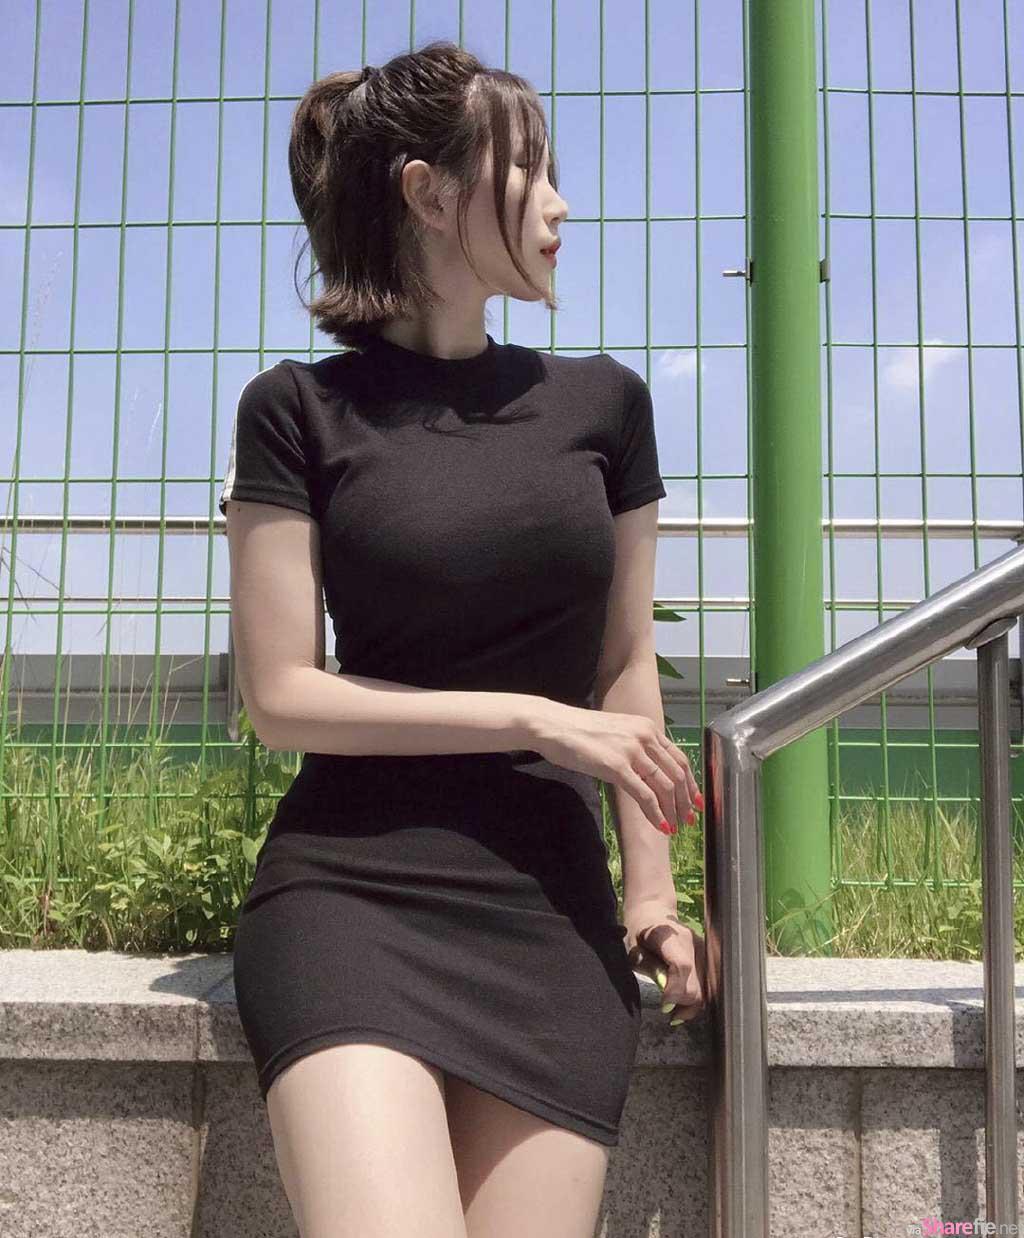 短裙正妹,身材曲线满分